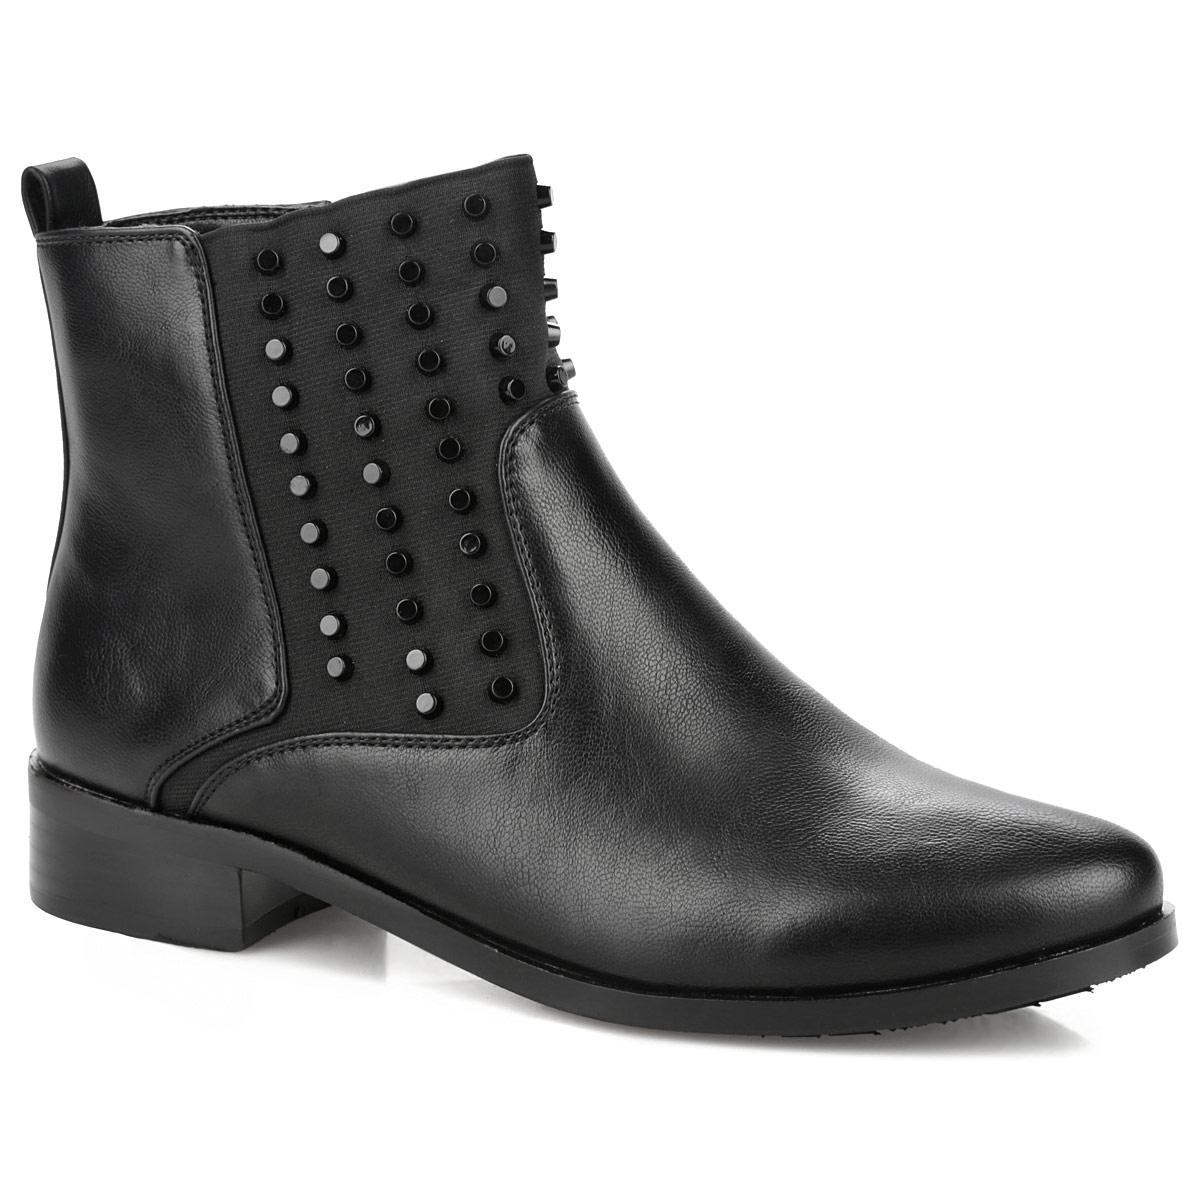 Ботинки женские. 60230-01-1B60230-01-1BМодные ботинки от Inario займут достойное место в вашем гардеробе. Модель выполнена из искусственной кожи и декорирована задним наружным ремнем, на подъеме - металлическими заклепками. Ярлычок на заднике облегчает надевание обуви. Ботинки застегиваются на боковую застежку-молнию. Резинка, расположенная на подъеме, отвечает за оптимальную посадку изделия на ноге. Мягкая подкладка и стелька из байки сохраняют тепло, обеспечивая максимальный комфорт при движении. Невысокий каблук устойчив. Рифленая поверхность каблука и подошвы защищает изделие от скольжения.